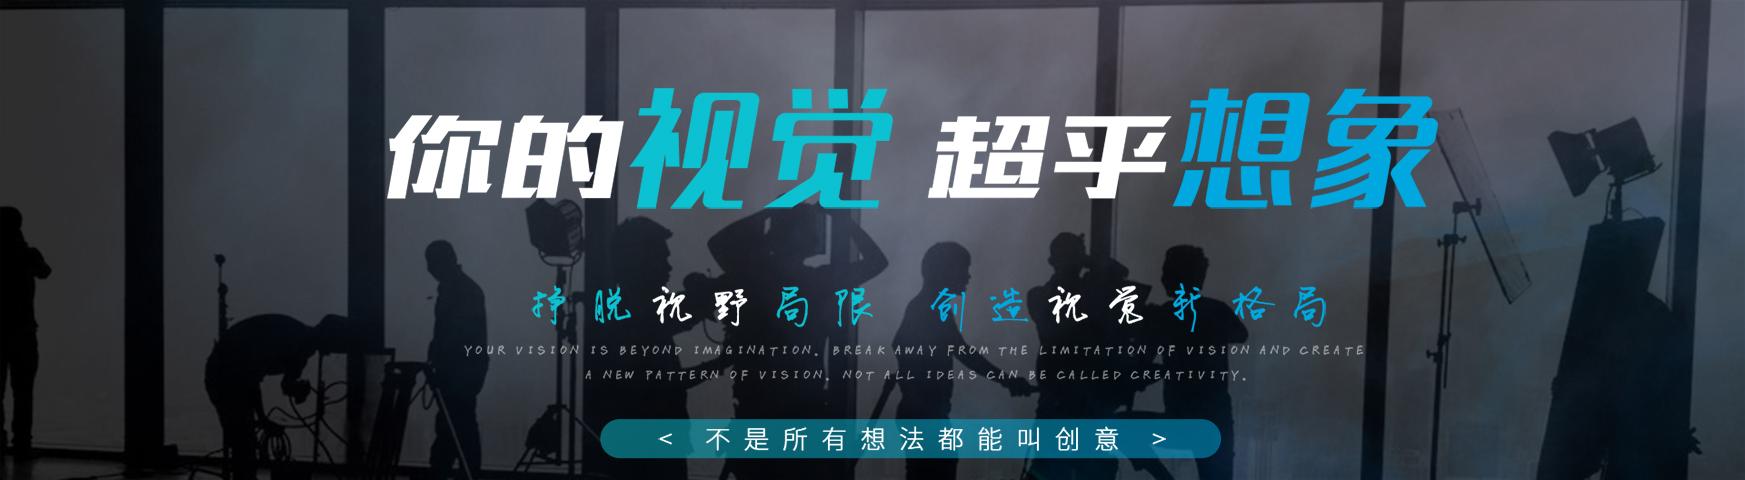 武汉企业宣传片